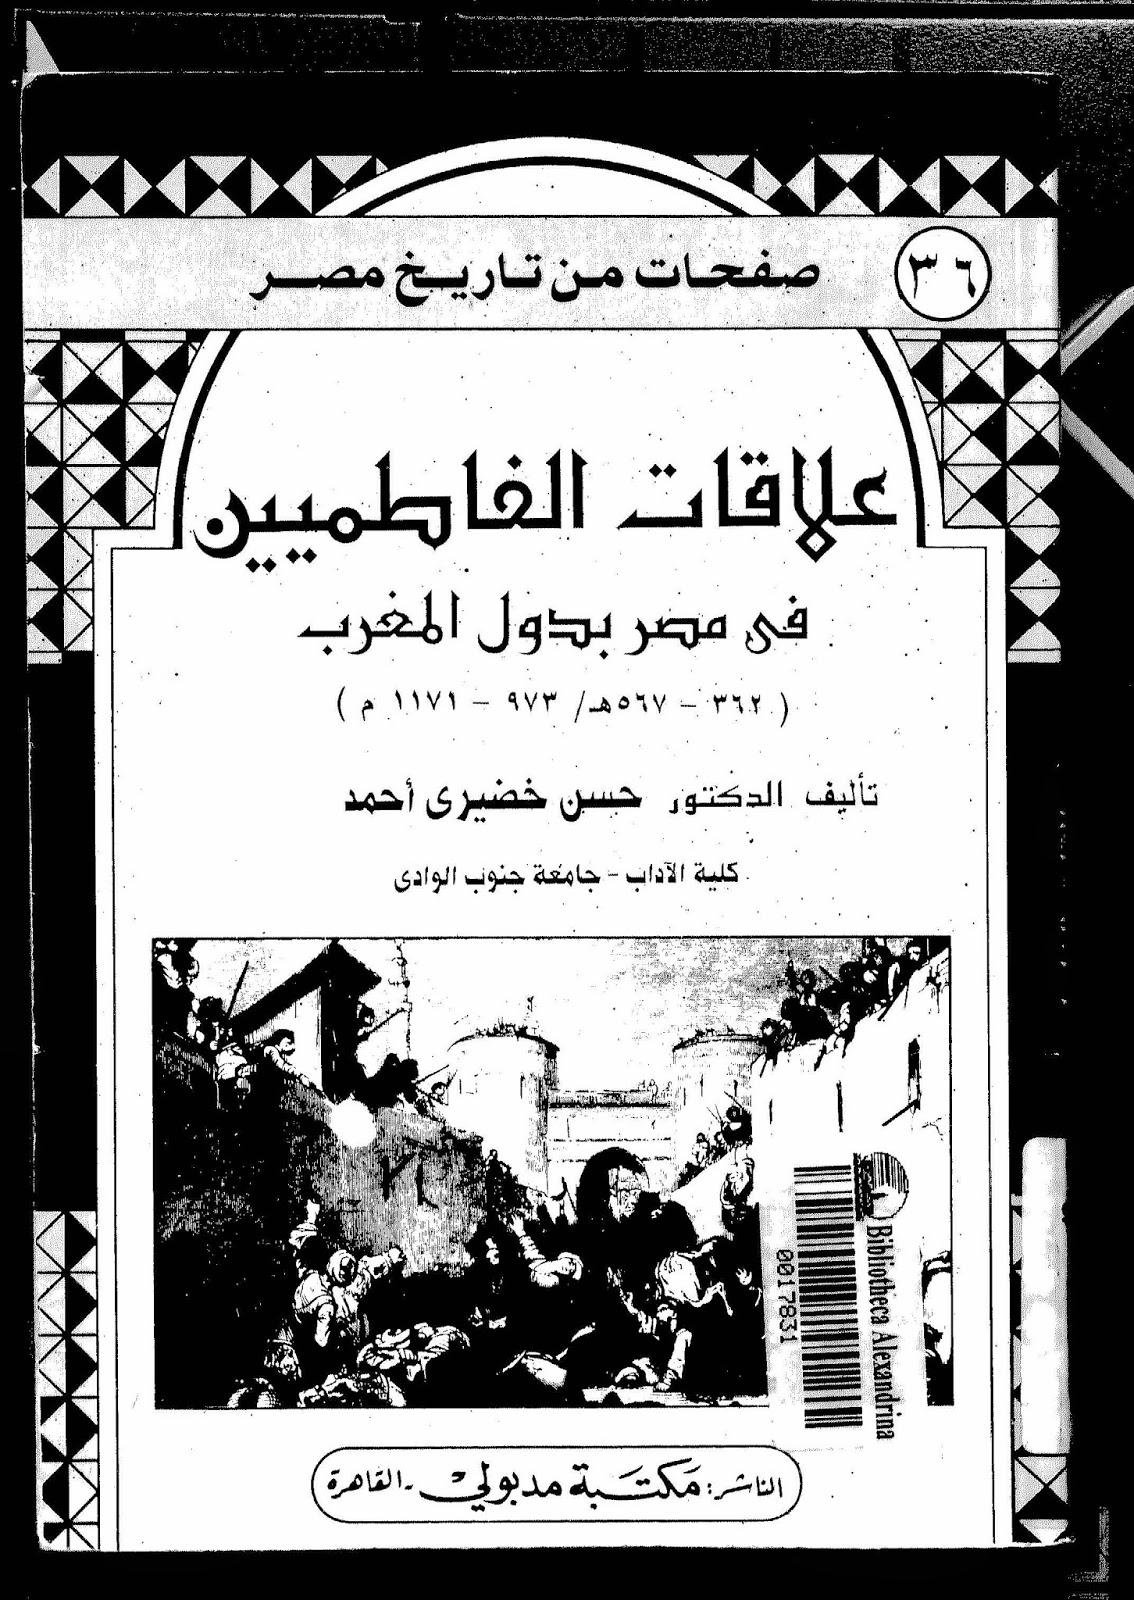 علاقة الفاطميين في مصر بدول المغرب - حسن خضري أحمد